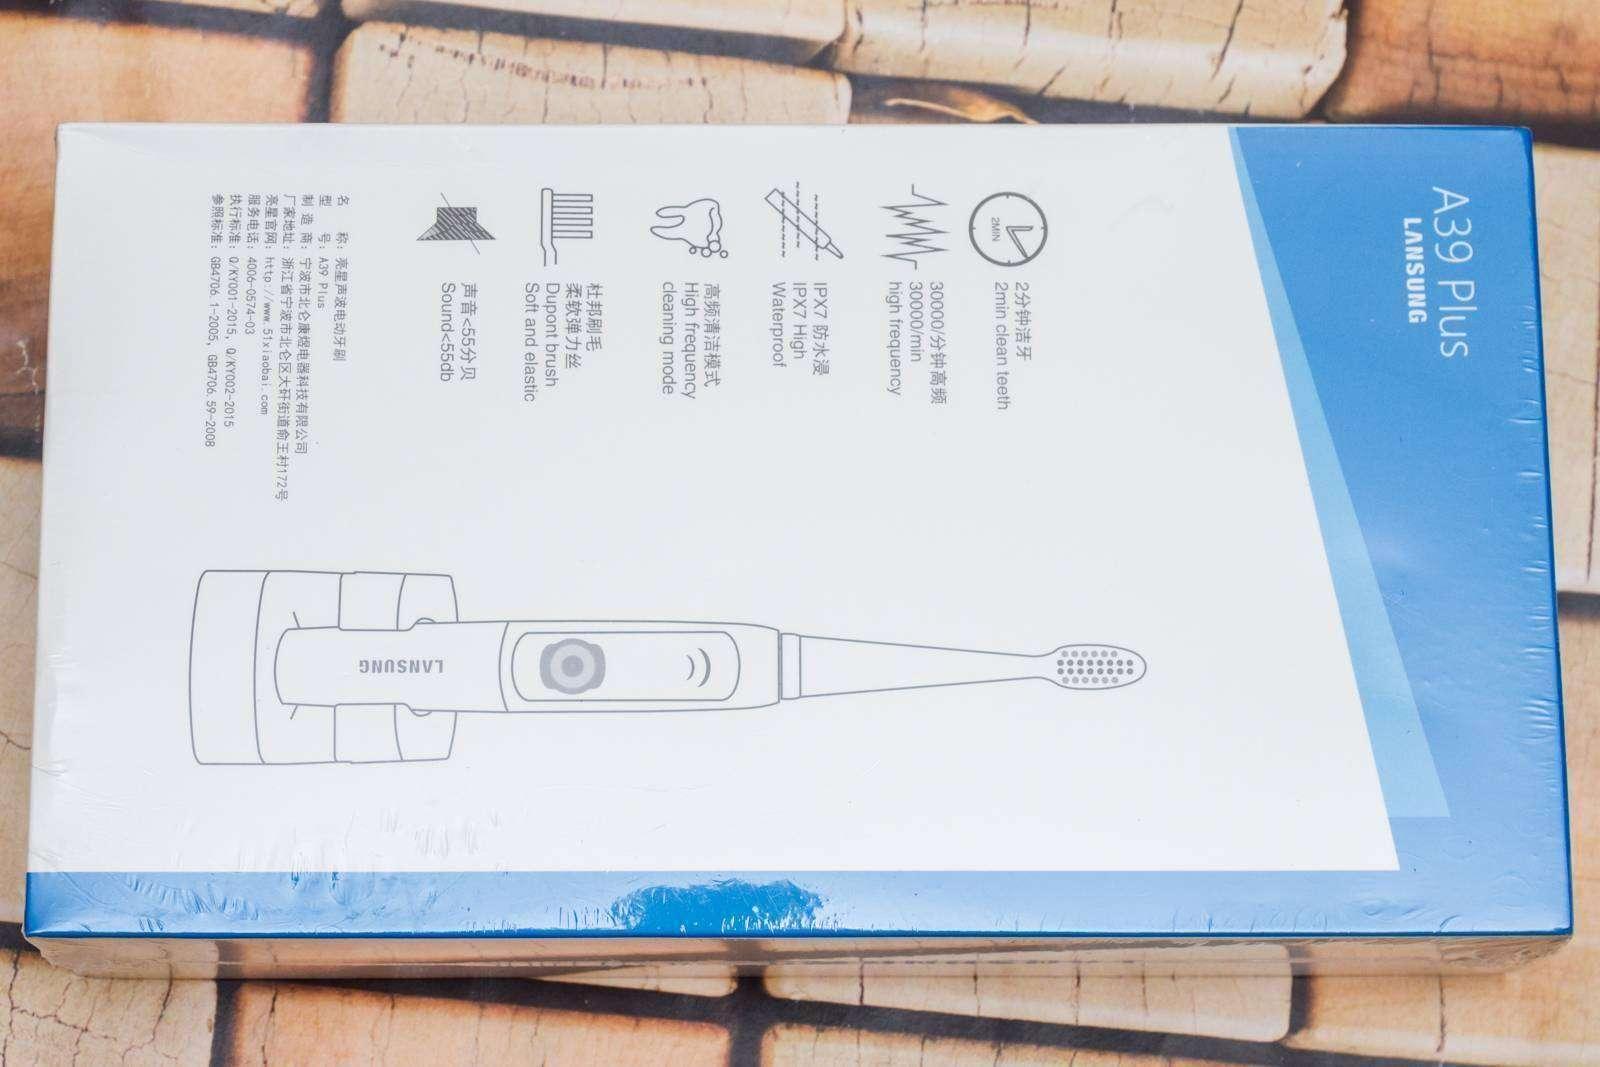 Aliexpress: Бюджетная но классная ультразвуковая зубная щетка Lansung A39Plus